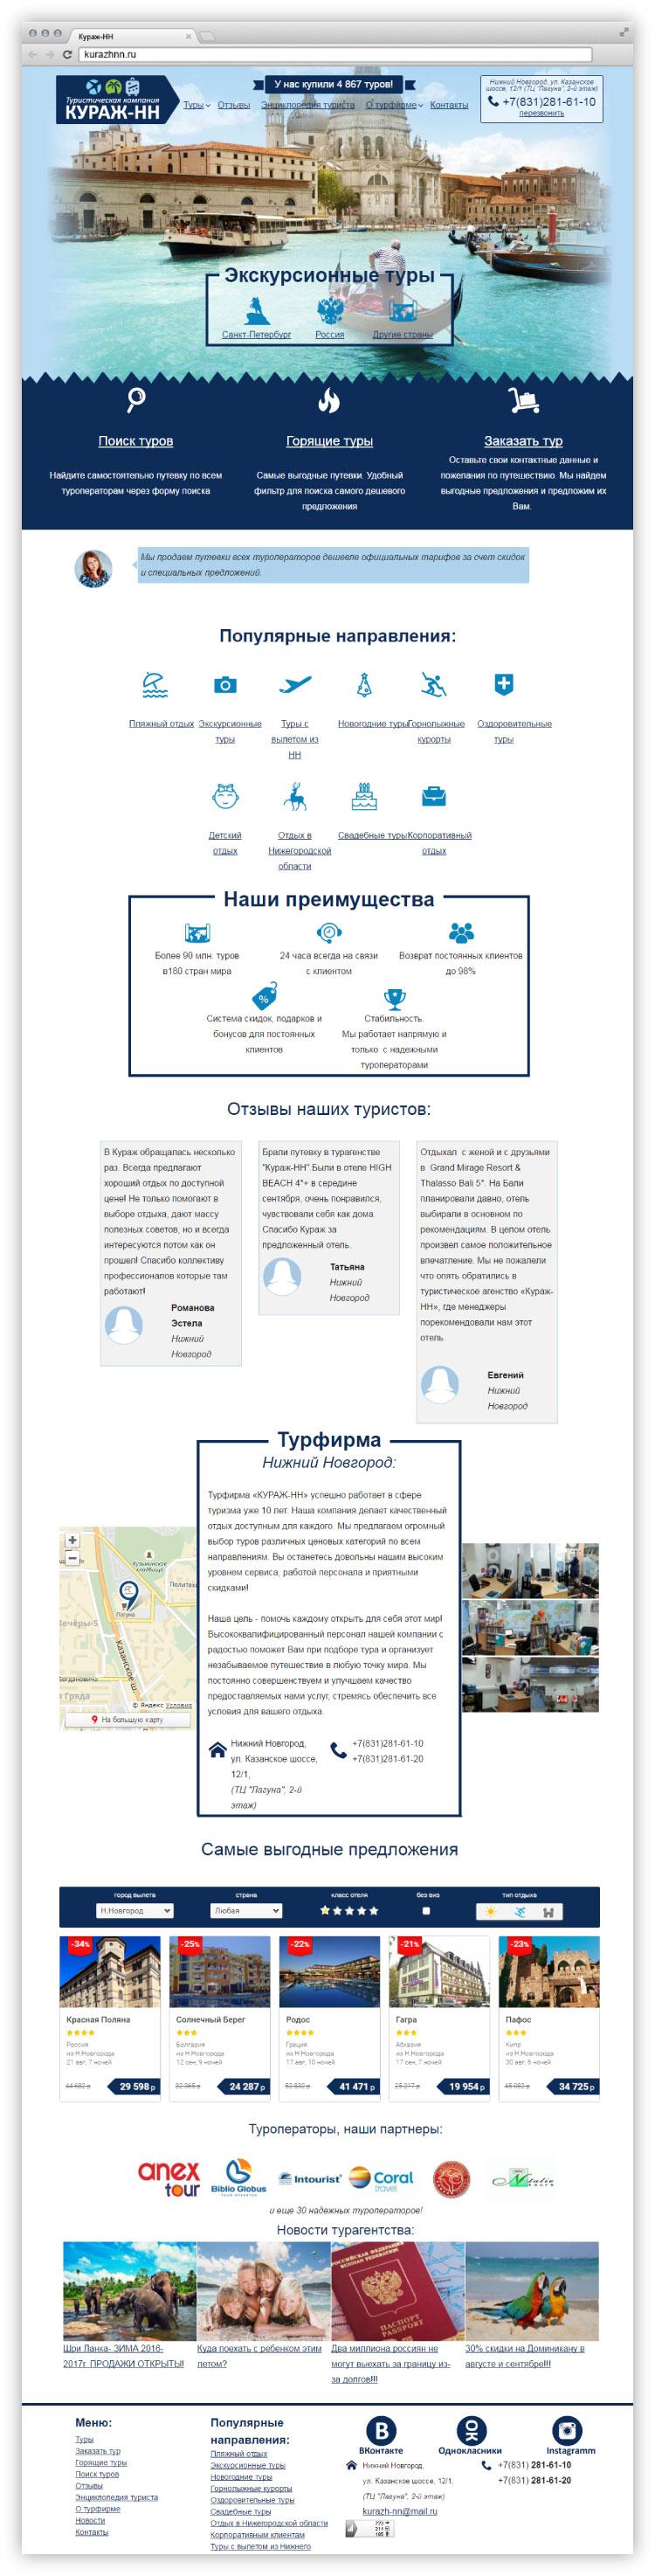 """Дизайн главной страницы сайта для турагентства, разработанного в маркетинговом агентстве """"Щи"""""""